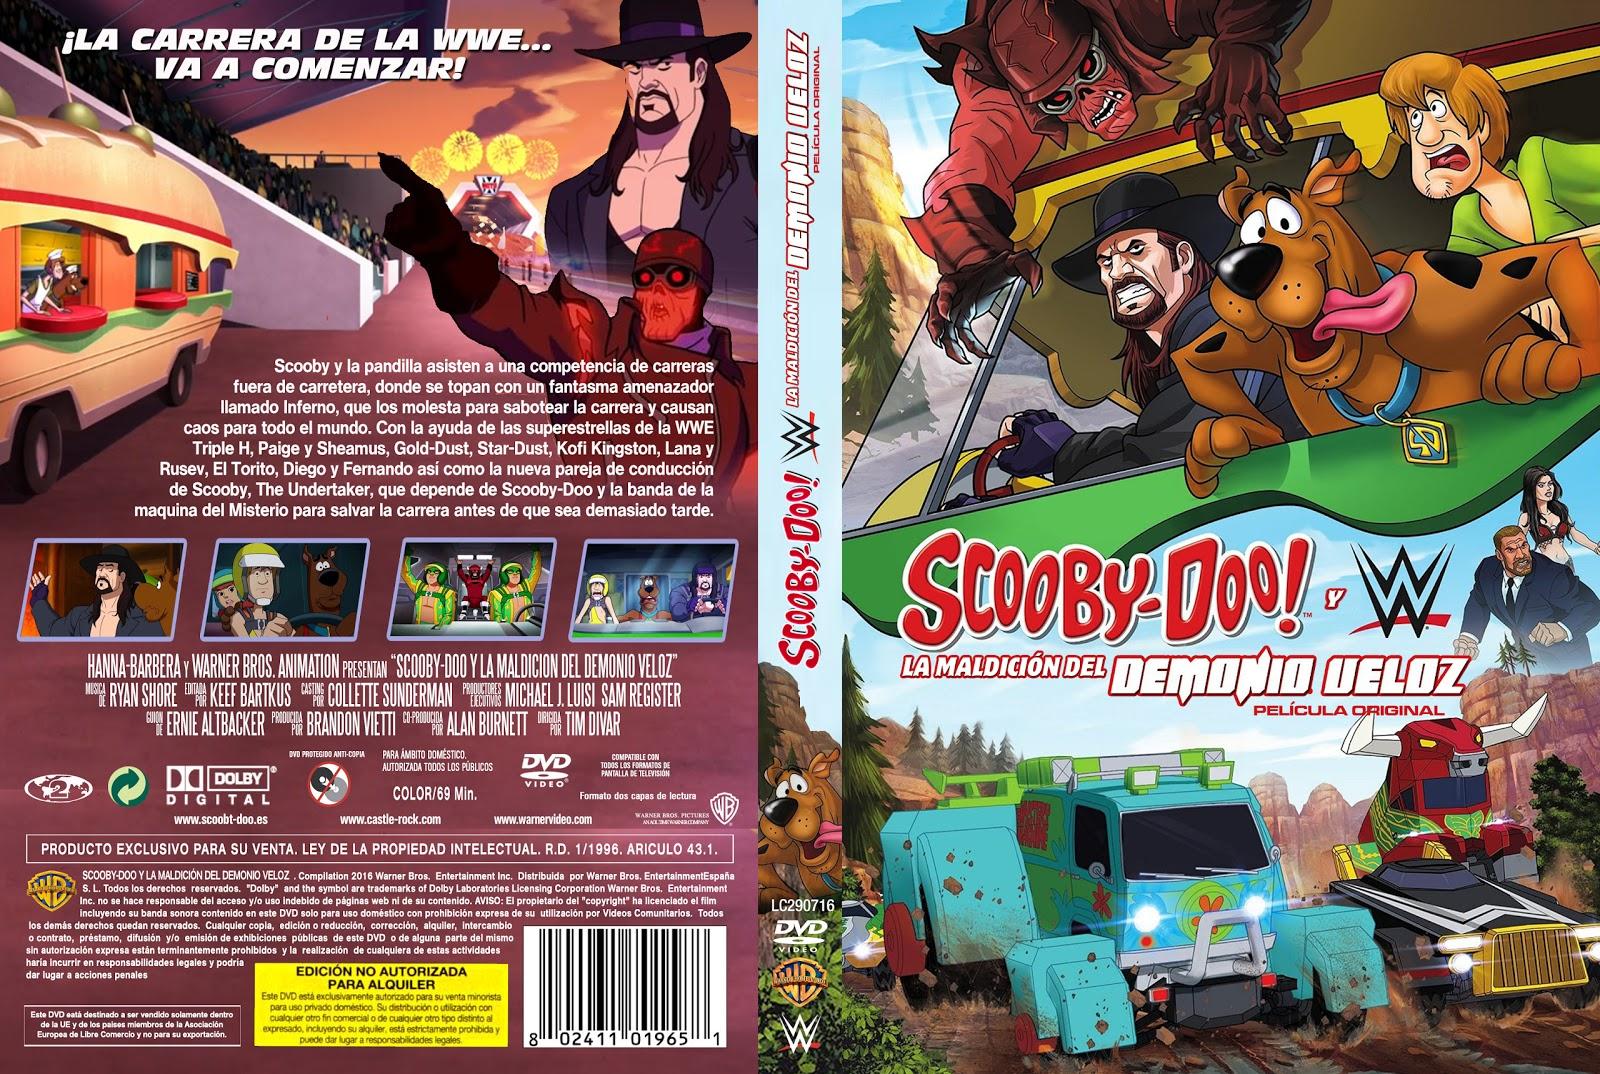 Scooby-Doo e WWE Maldição do Demônio Veloz BDRip Dual Áudio SCOOBY